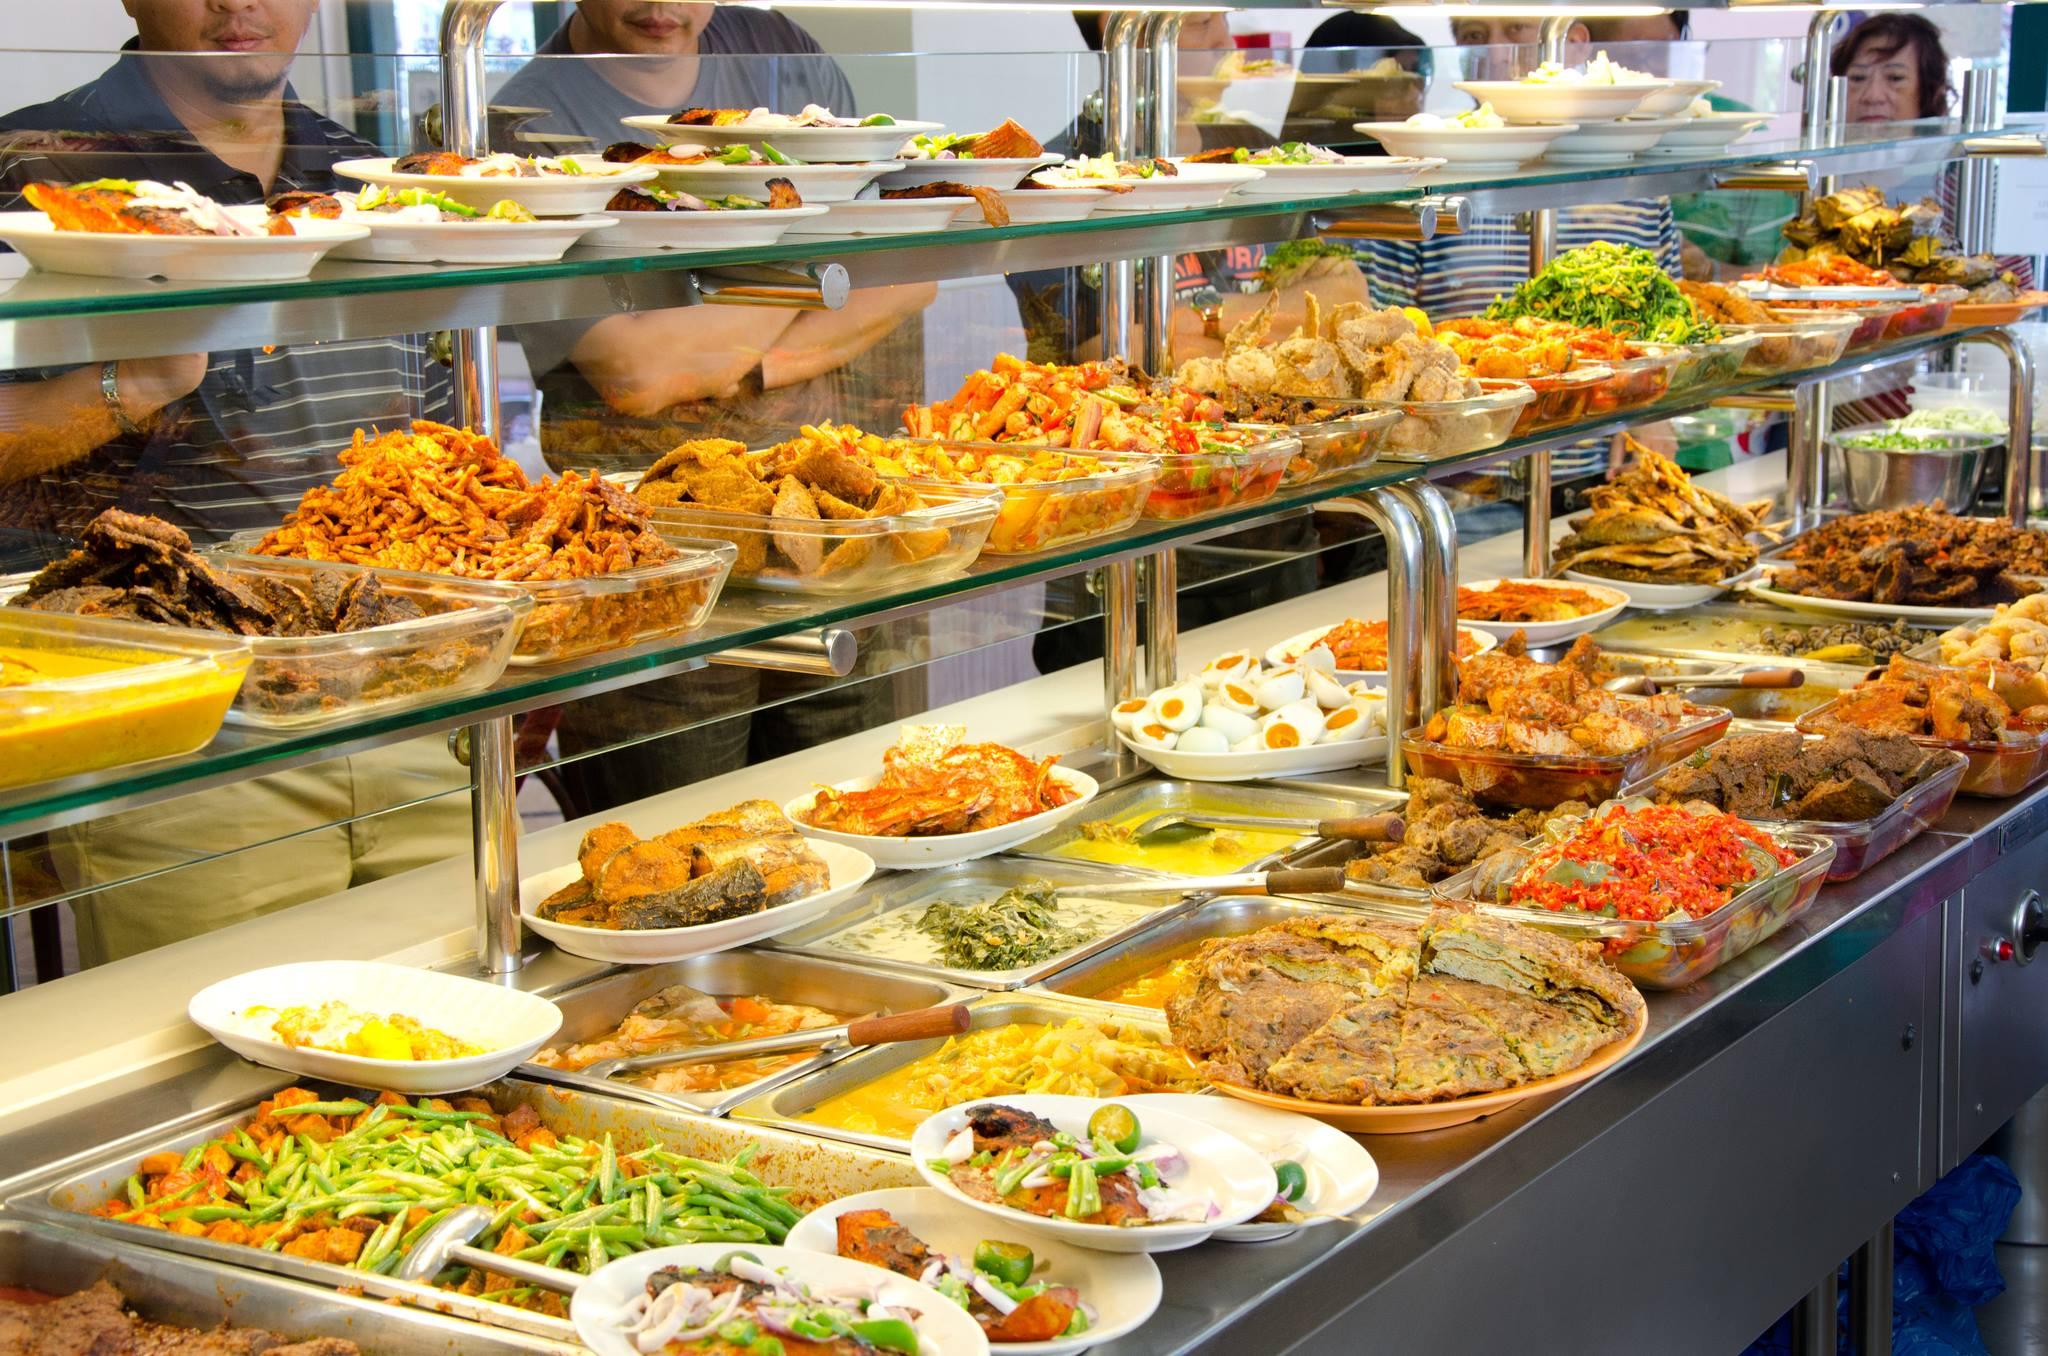 Makan-places-ramadan-venuerific-blog-hajah-maimunah-delicious-food